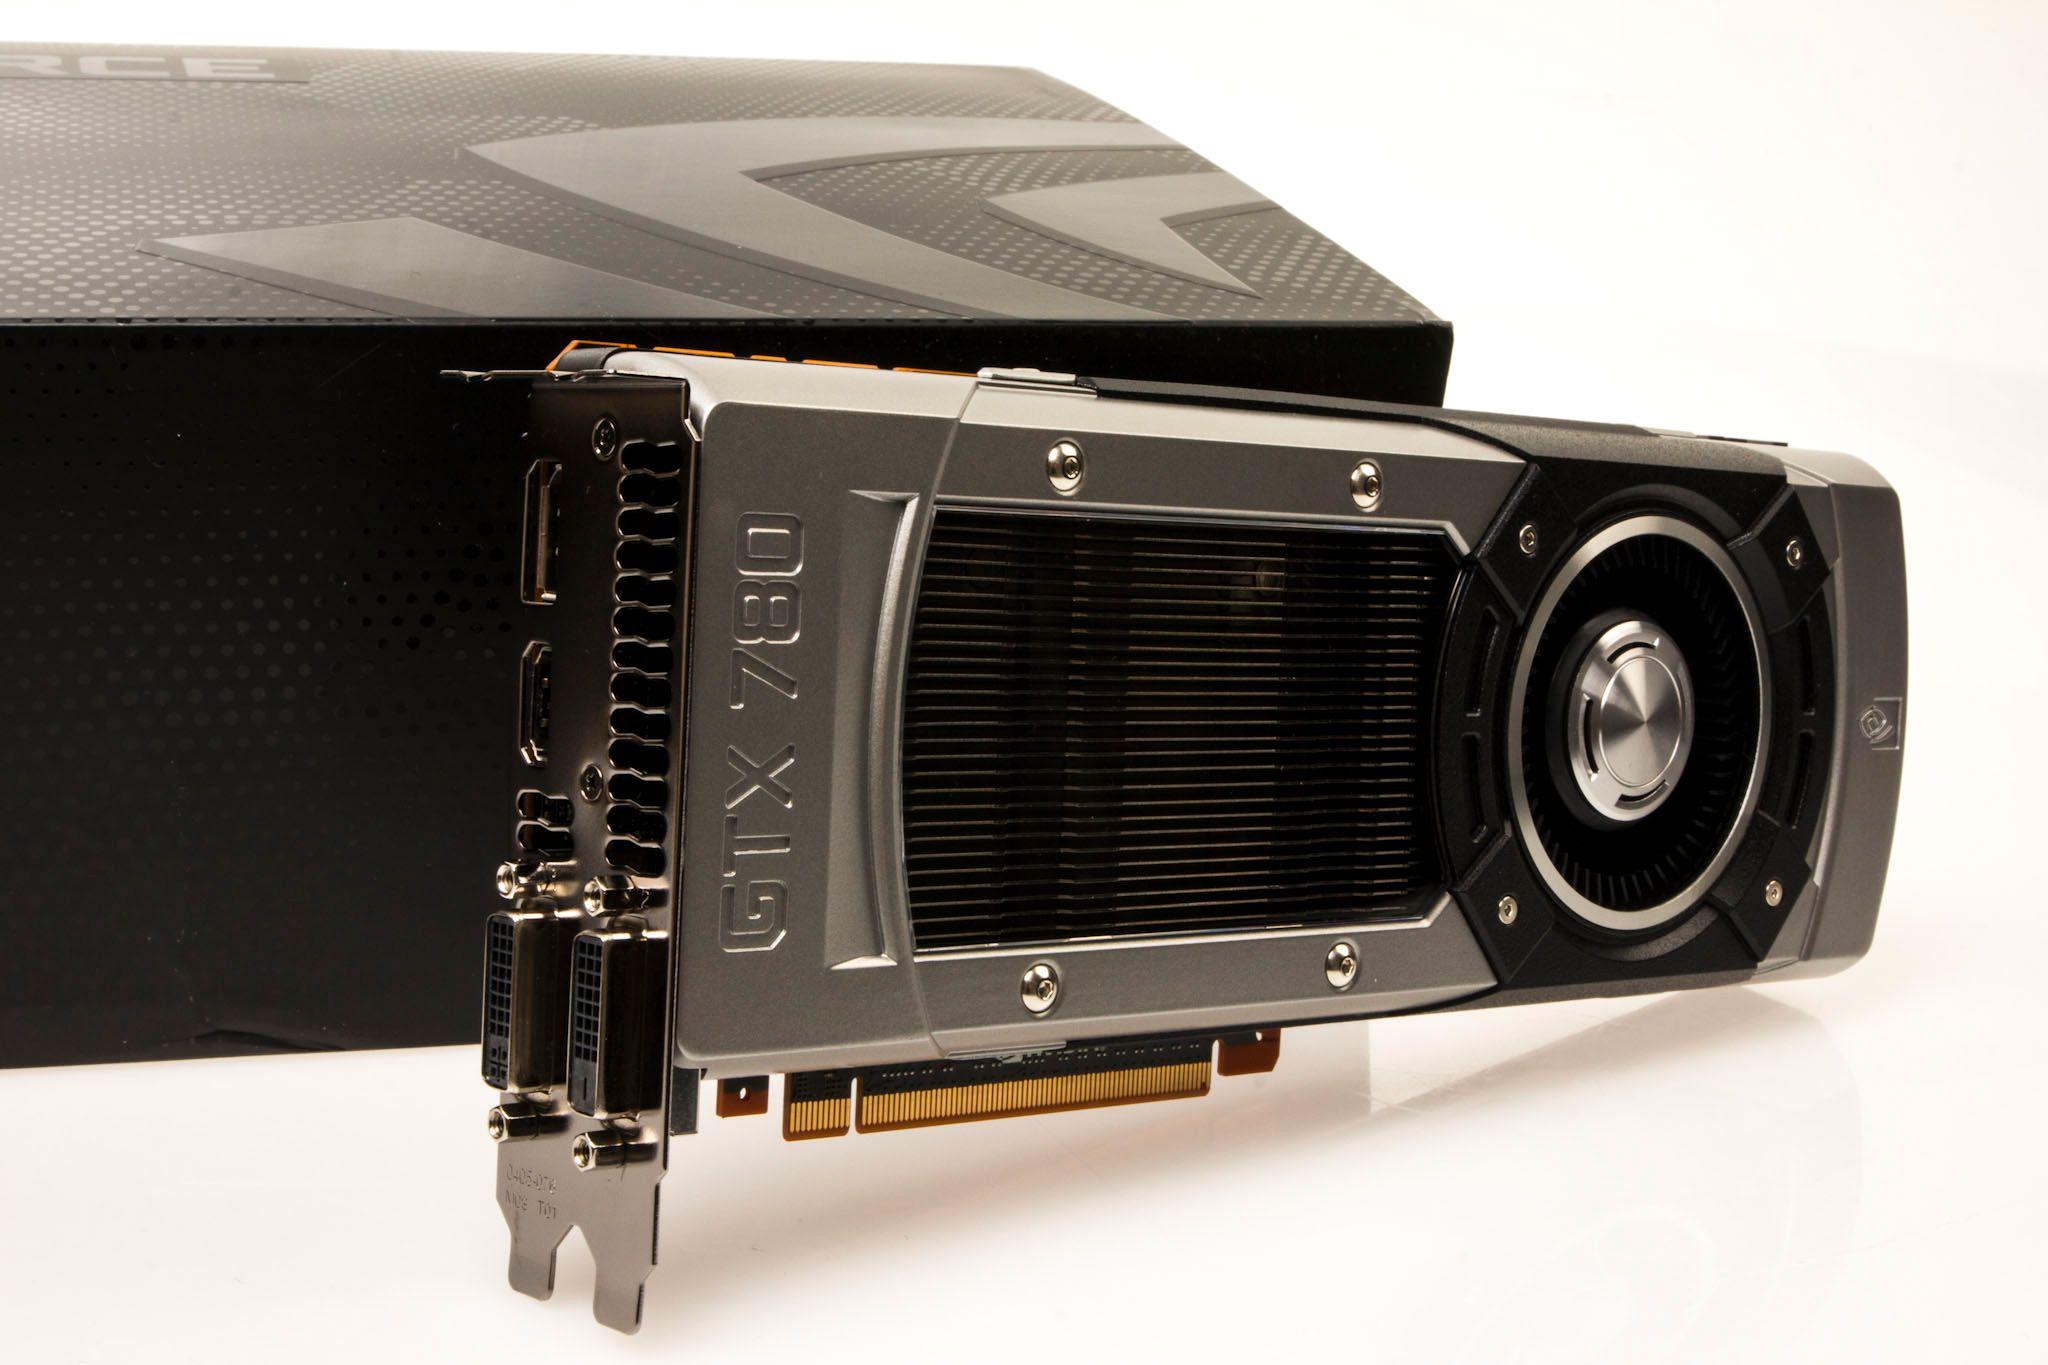 Nvidia GeForce GTX 780 og dets slektninger vil snart få videoopptak som en innebygd funksjon i driverne.Foto: Varg Aamo, hardware.no